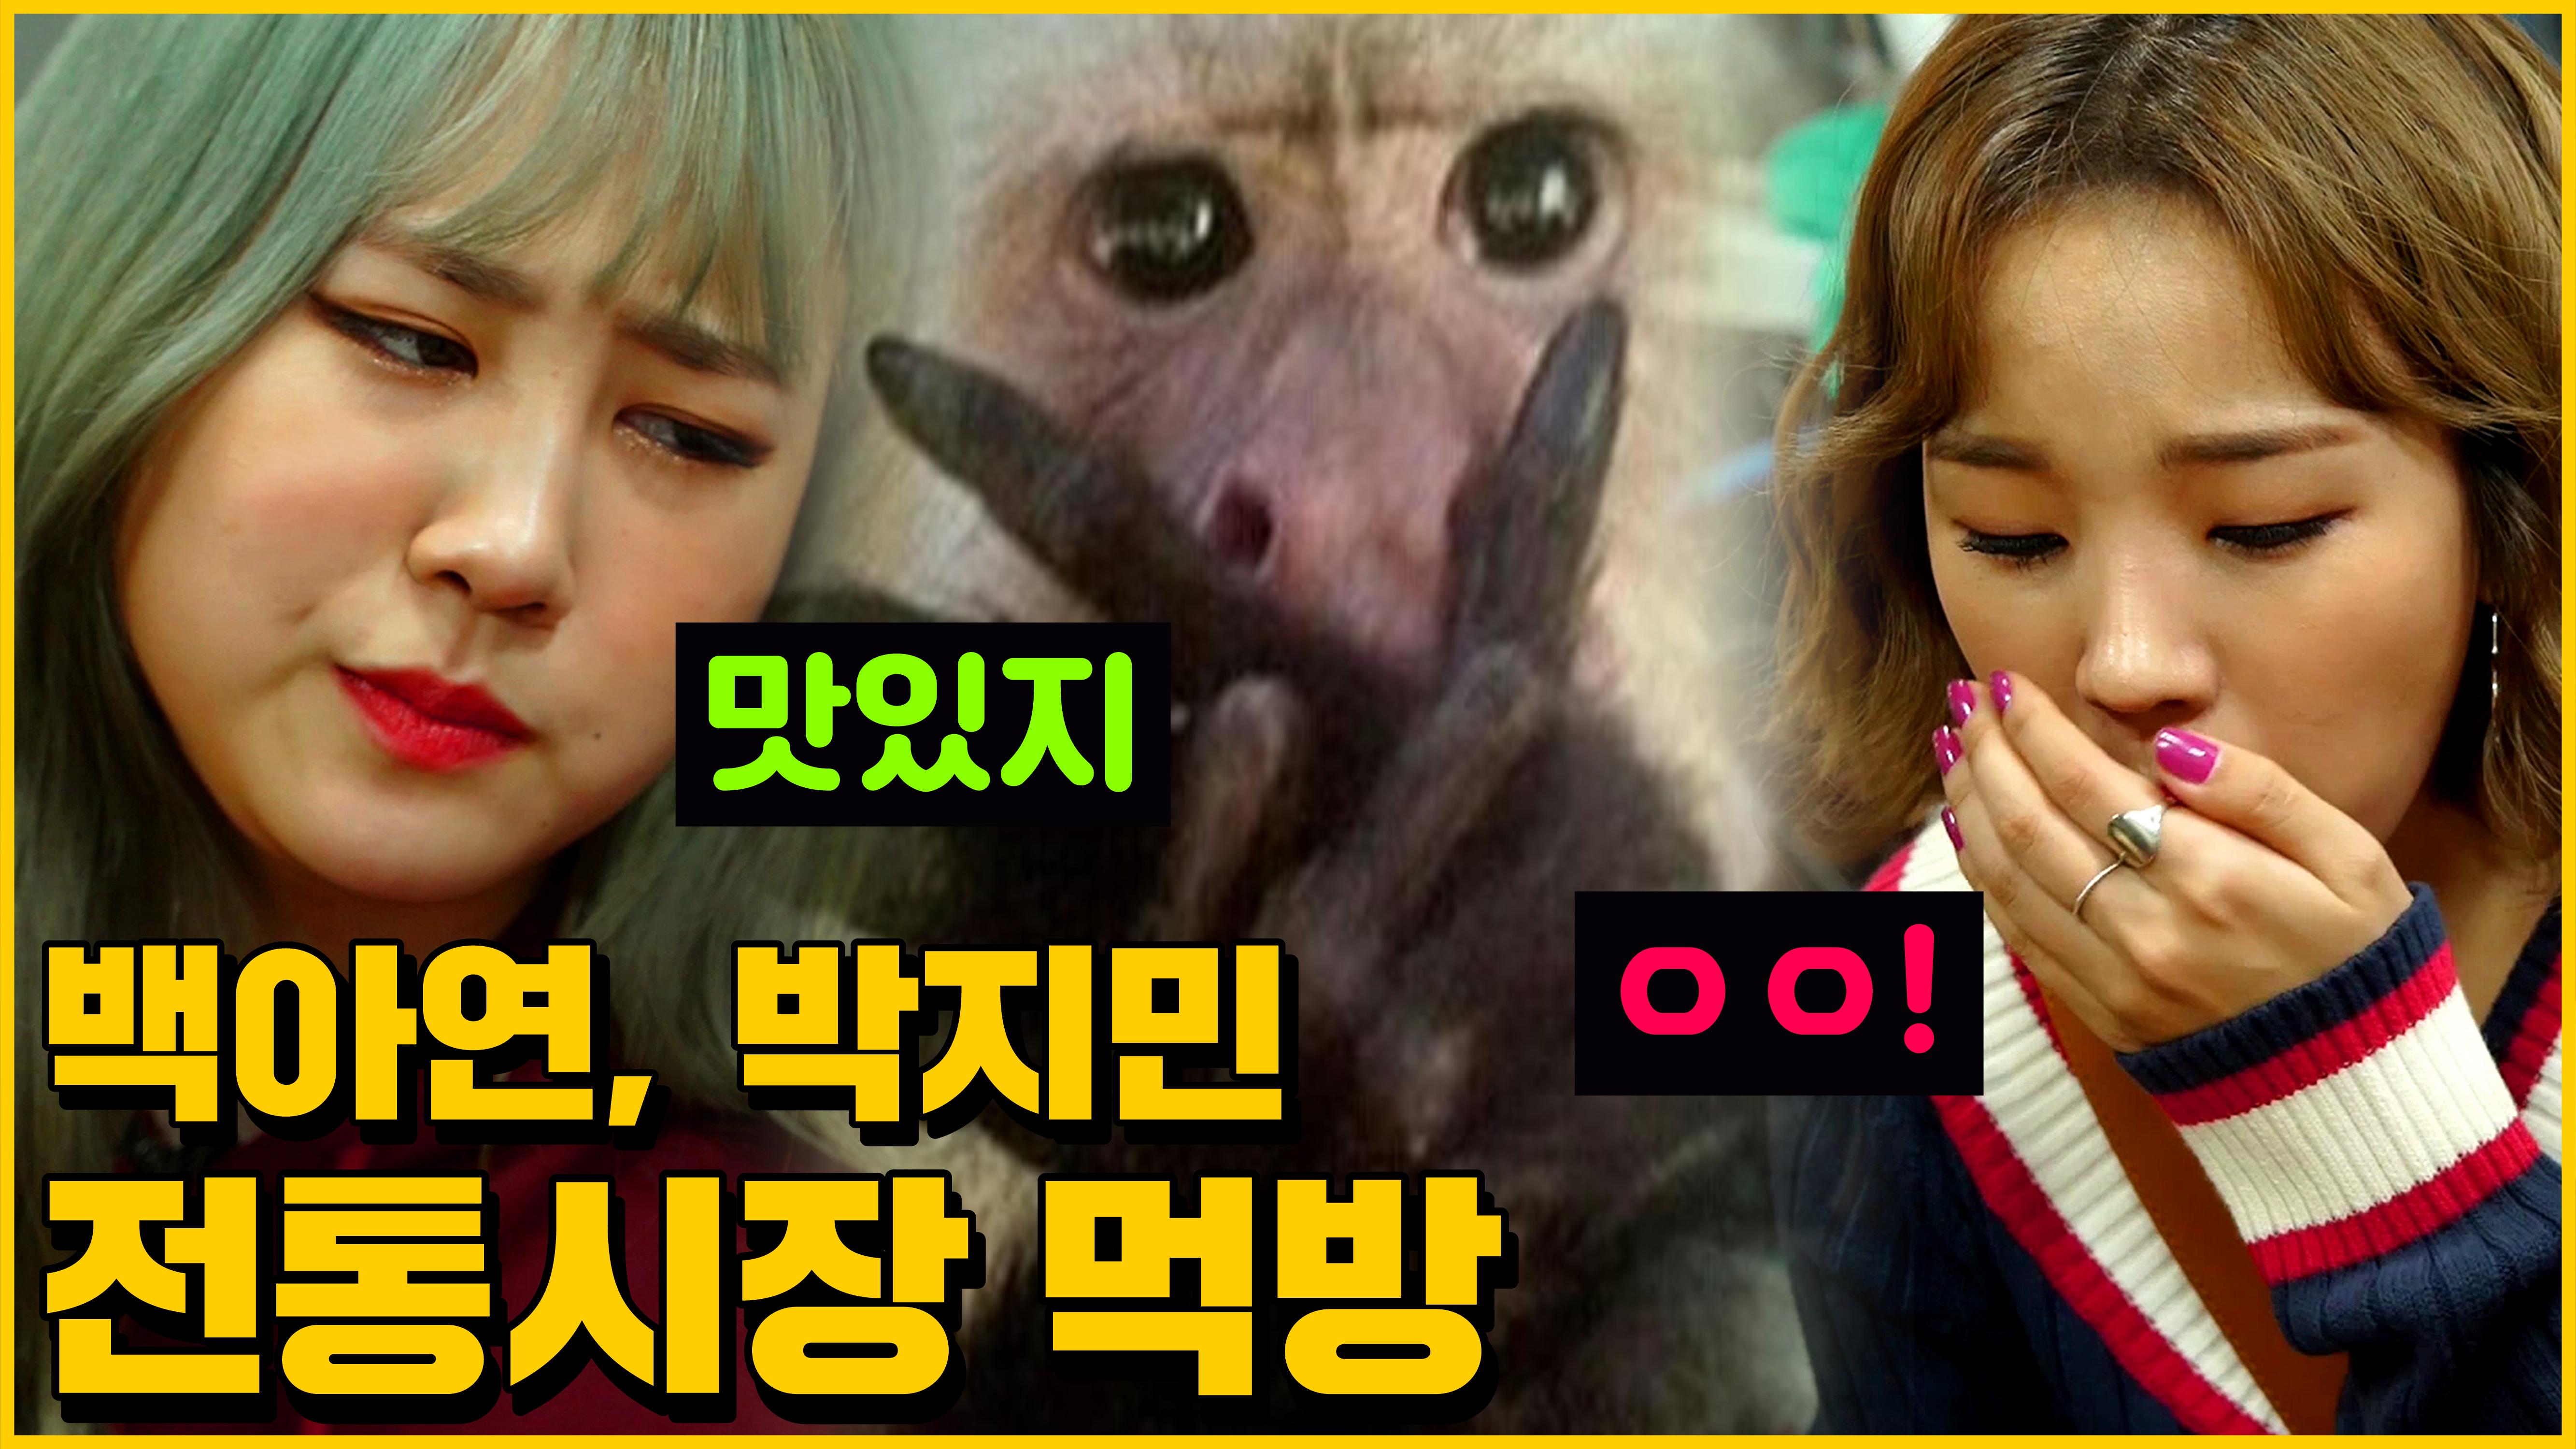 [매떠여 시즌3] Baek a yeon , Park ji min / Ep.03 백아연, 박지민 시장구경